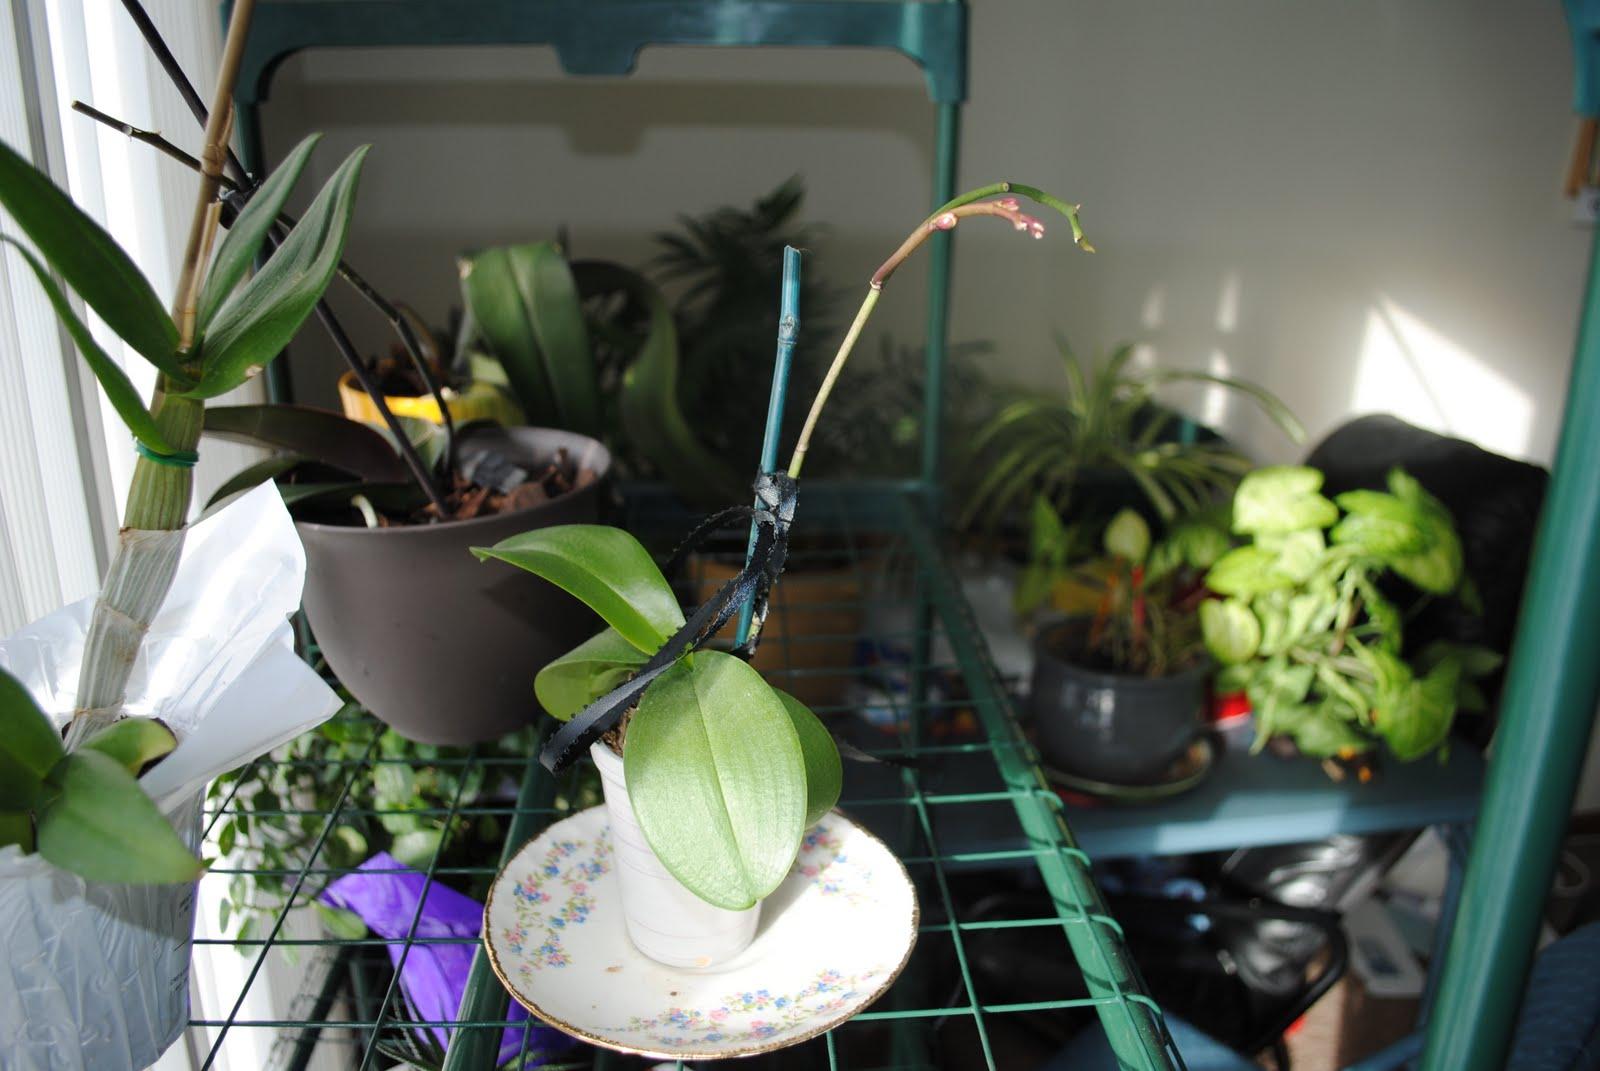 http://4.bp.blogspot.com/-XNR0-aXRr3E/TViIodBc-0I/AAAAAAAABKc/TSLy1y7Az5s/s1600/orchid%25252Bshoot%25252B2.JPG